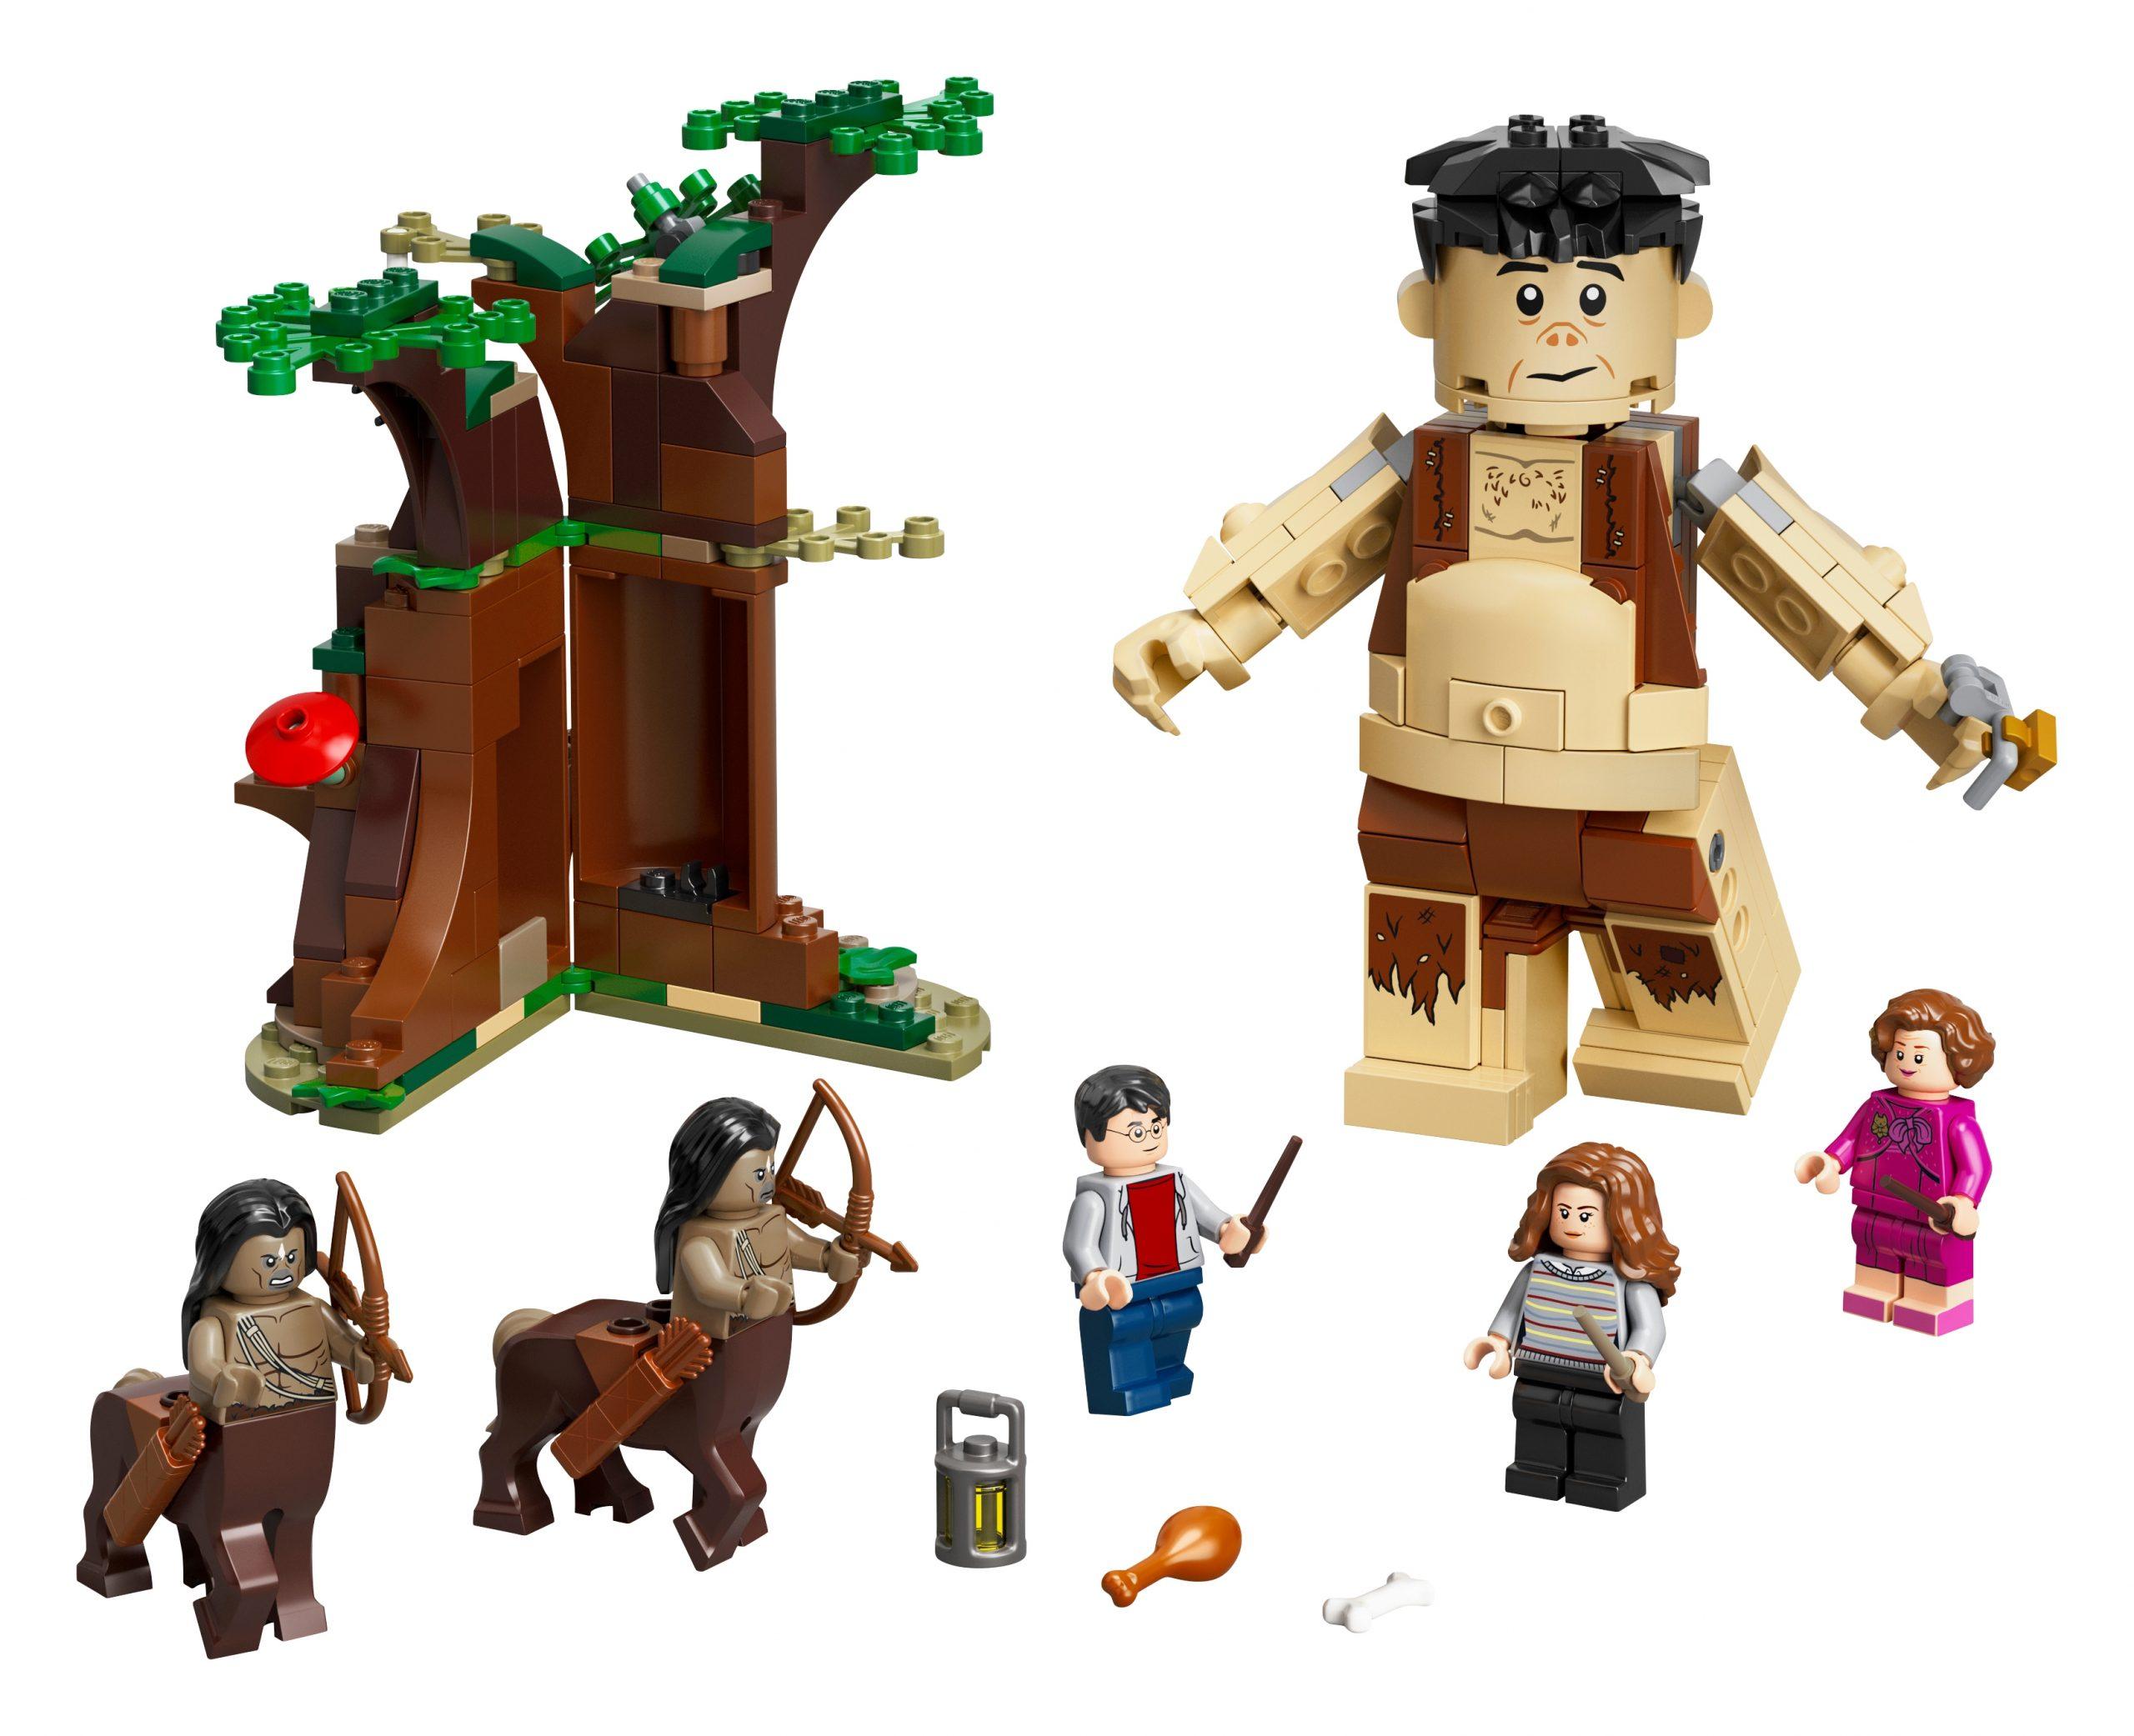 lego het verboden bos ombers ontmoeting met groemp 75967 scaled